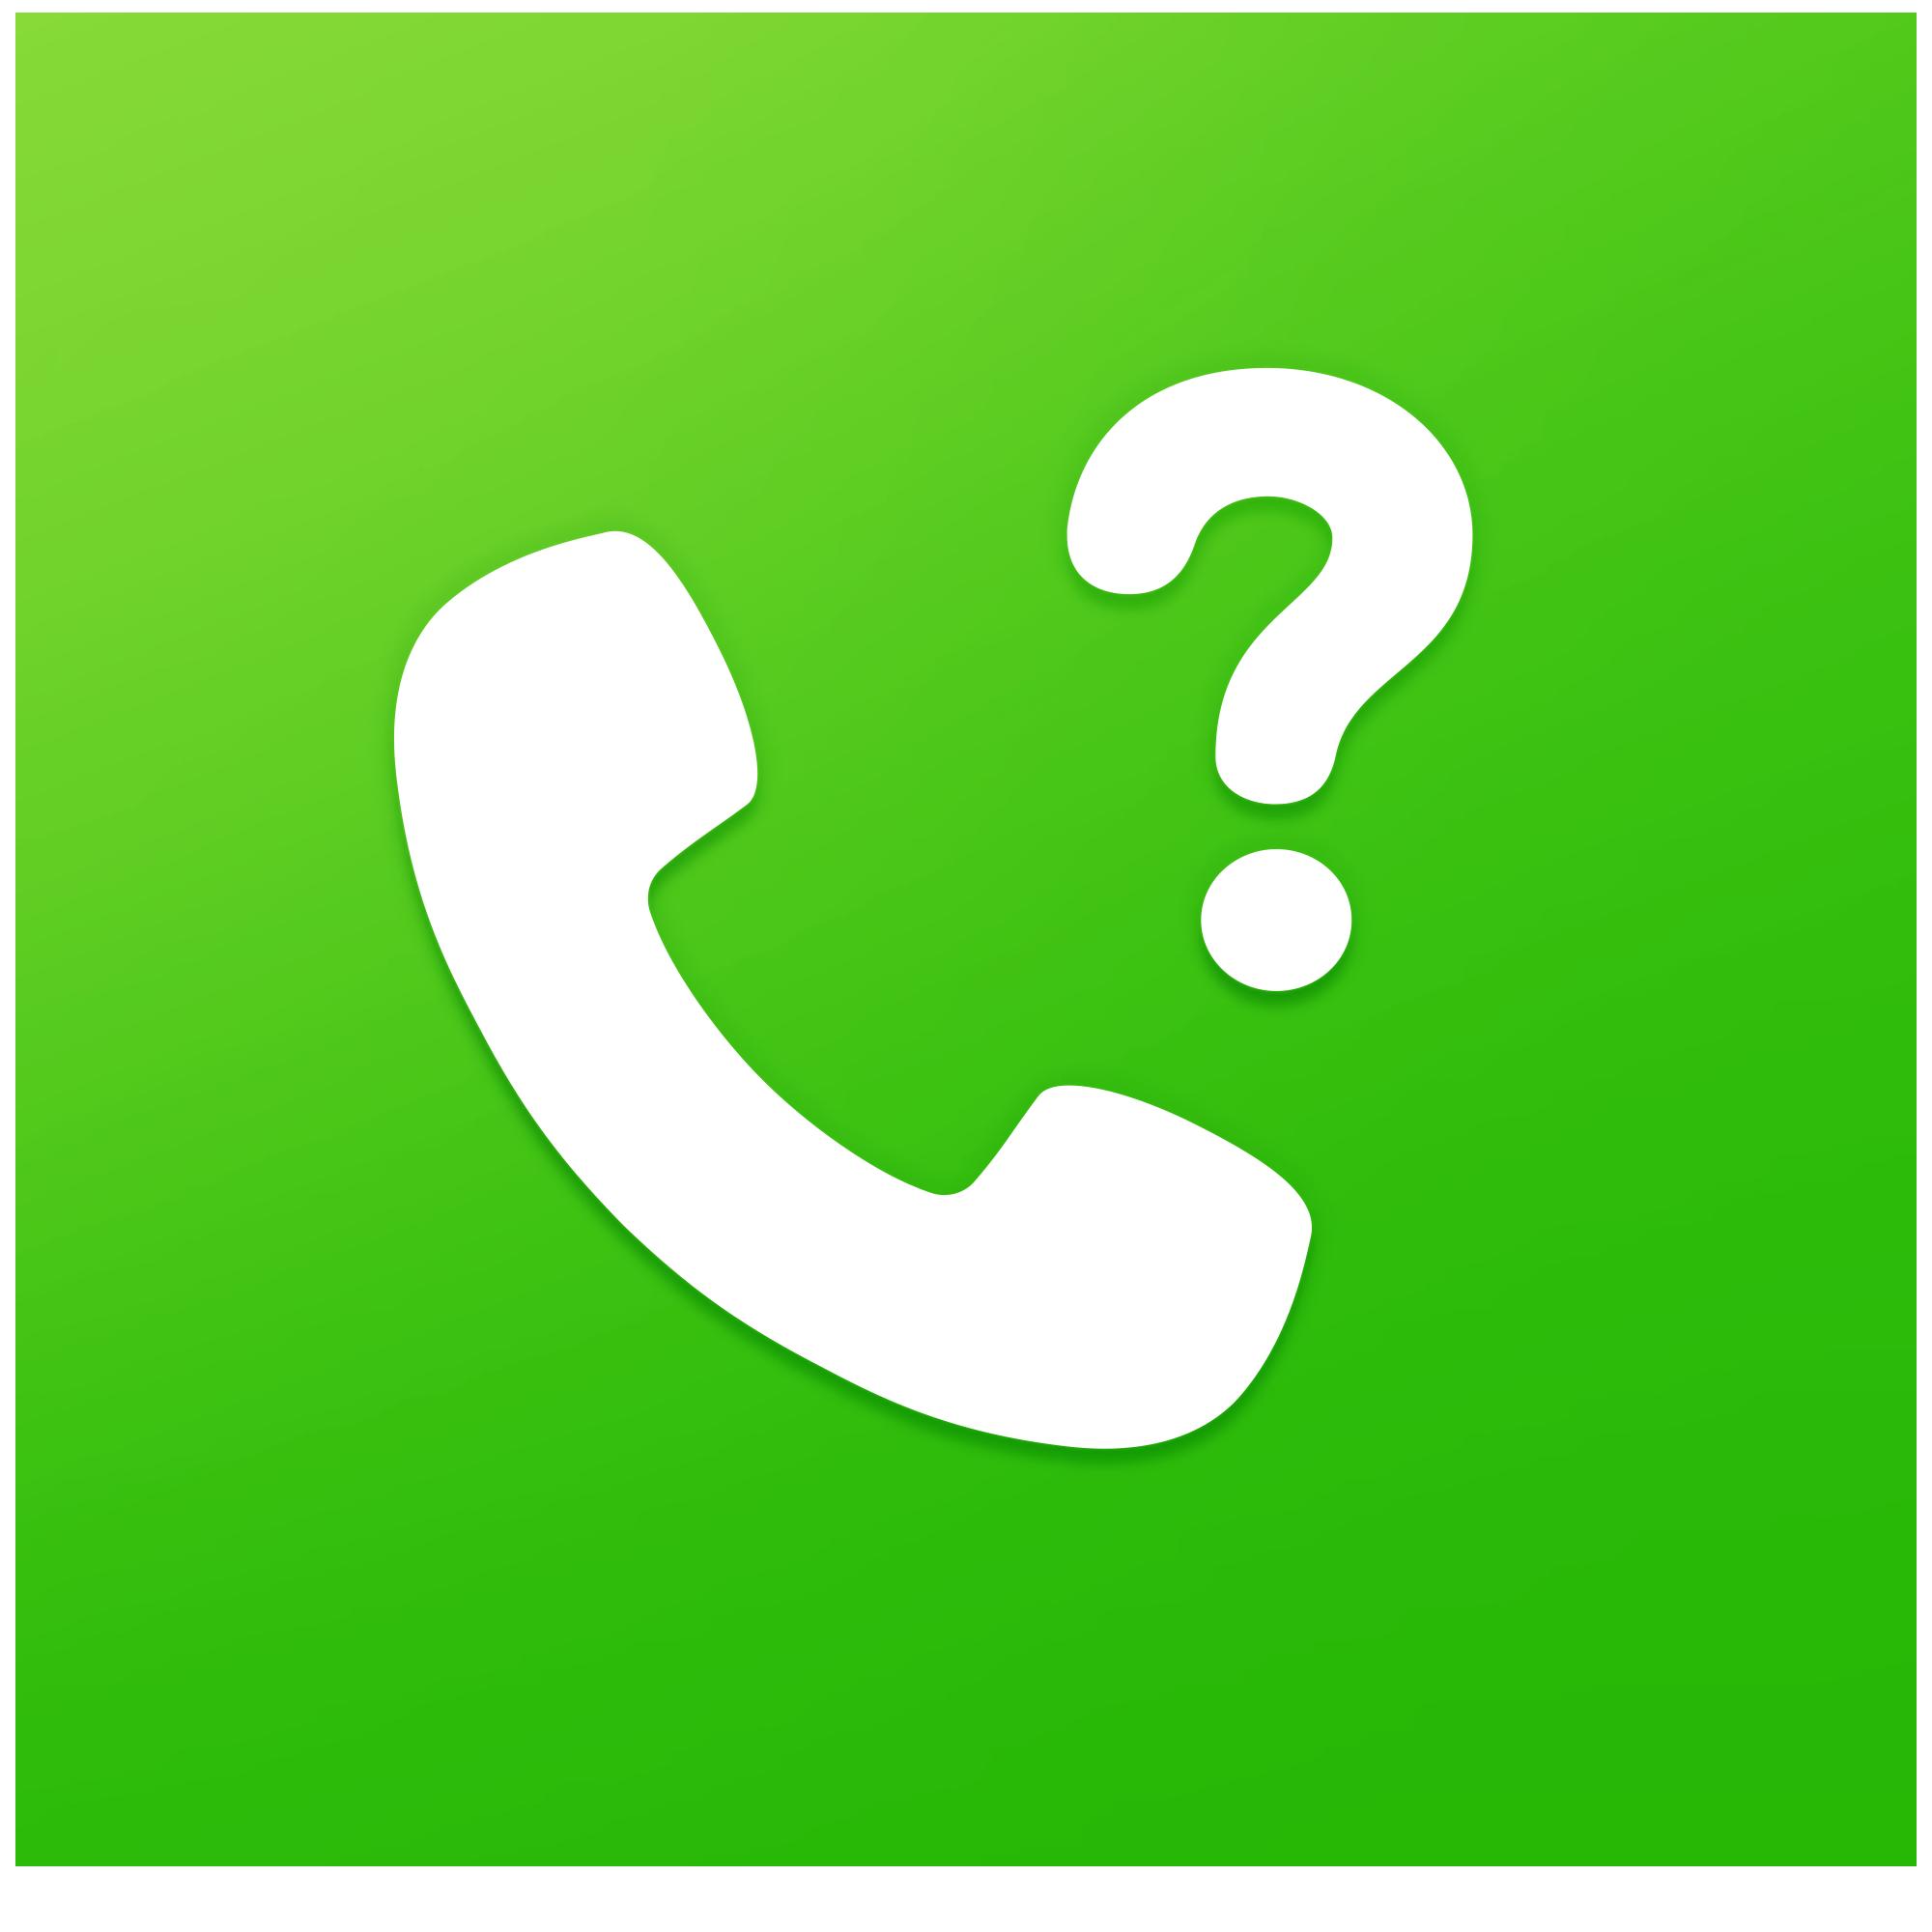 کنترل نامحسوس گوشی دیگران, کنترل گوشی دیگران برای اندروید,کنترل موبایل فرزندان,کنترل تماس و پیامک به صورت آنلاین,location traker دانلود برنامه ردیاب و کنترل پیام ها,دانلود برنامه اندروید جاسوس مخفی تمامی پیام ها و تماس ها در ایمیل,کنترل پیامها,دانلود رایگان نرم افزار مشاهده مخفی پیام ها,دانلود برنامه کنترل تماسها و پیامها,دانلود برنامه نازروید